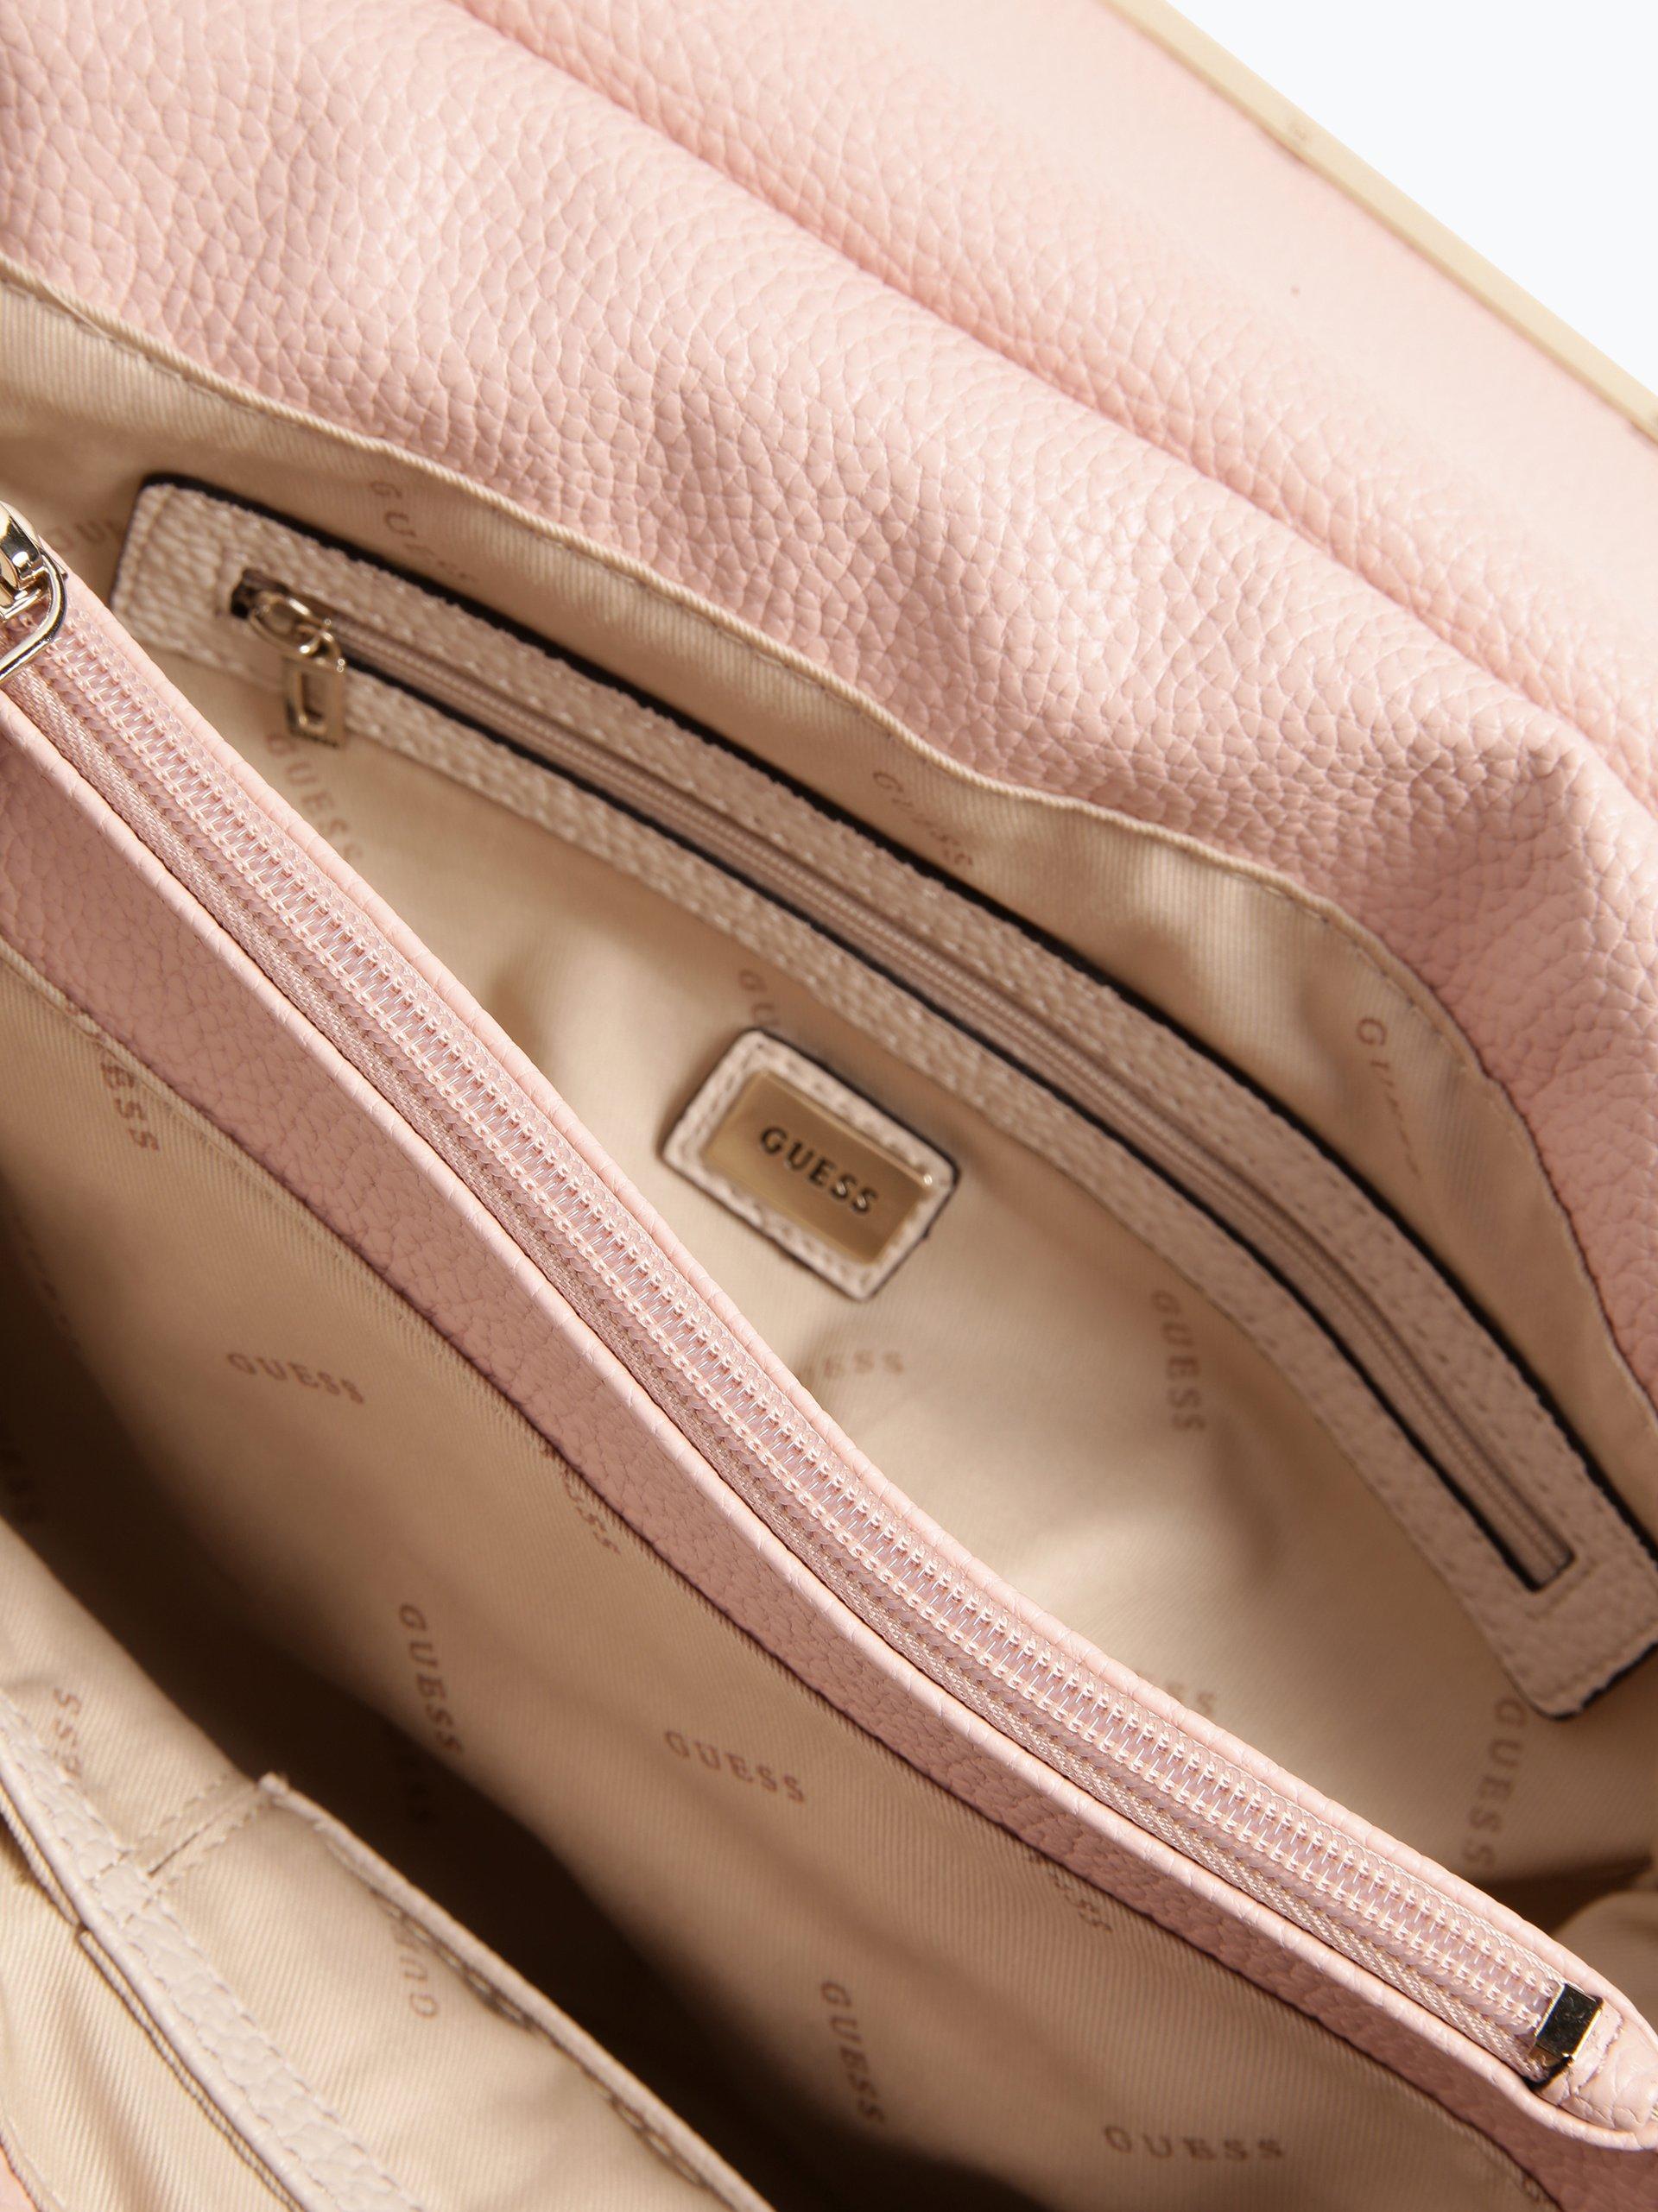 Guess Jeans Damen Handtasche